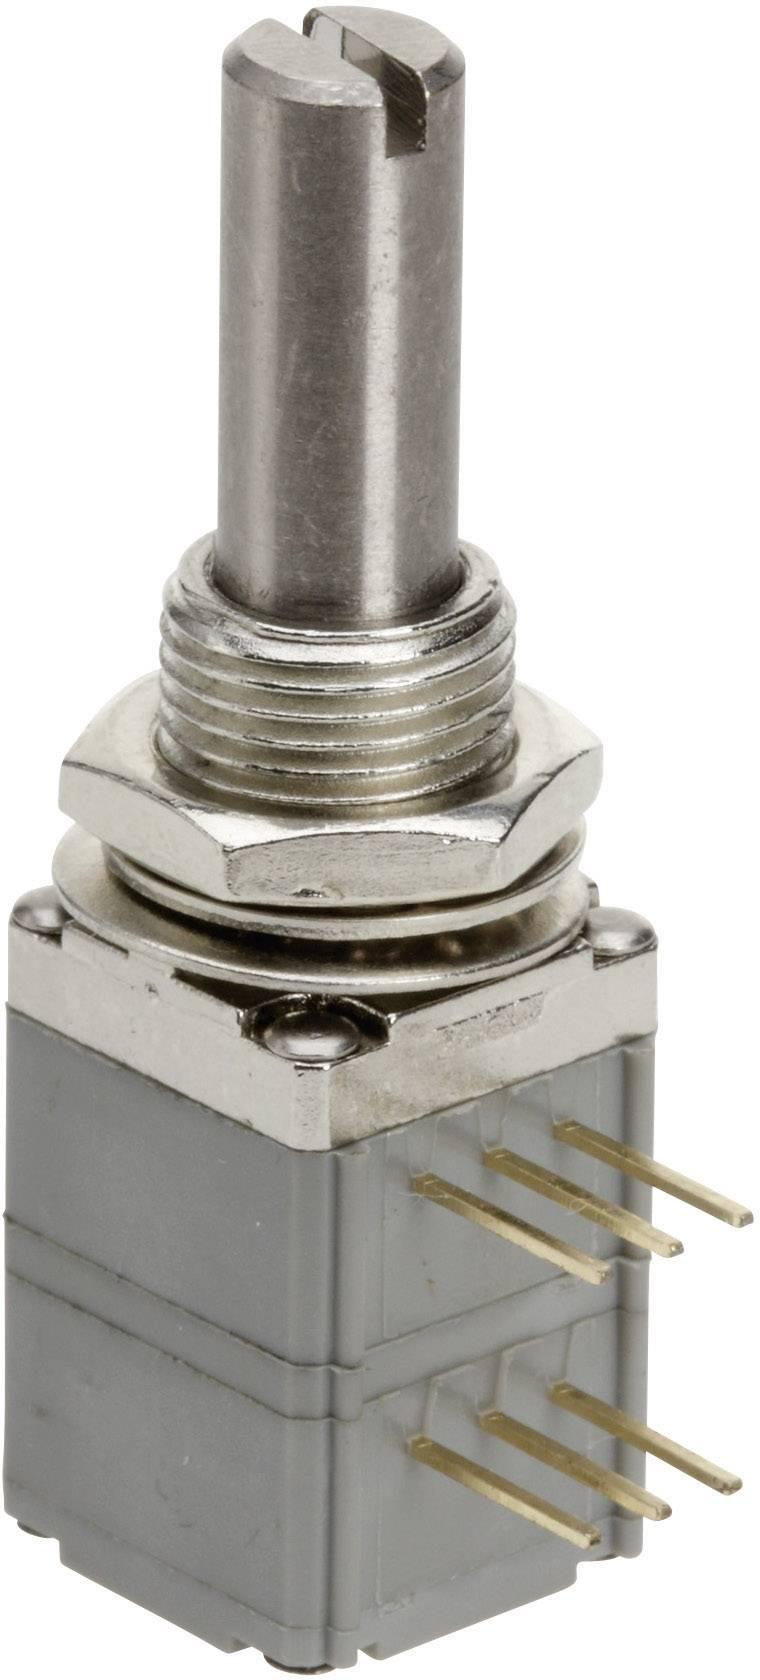 Cermetový potenciometer TT Electro, 4113812900, 5 kΩ, ± 10%